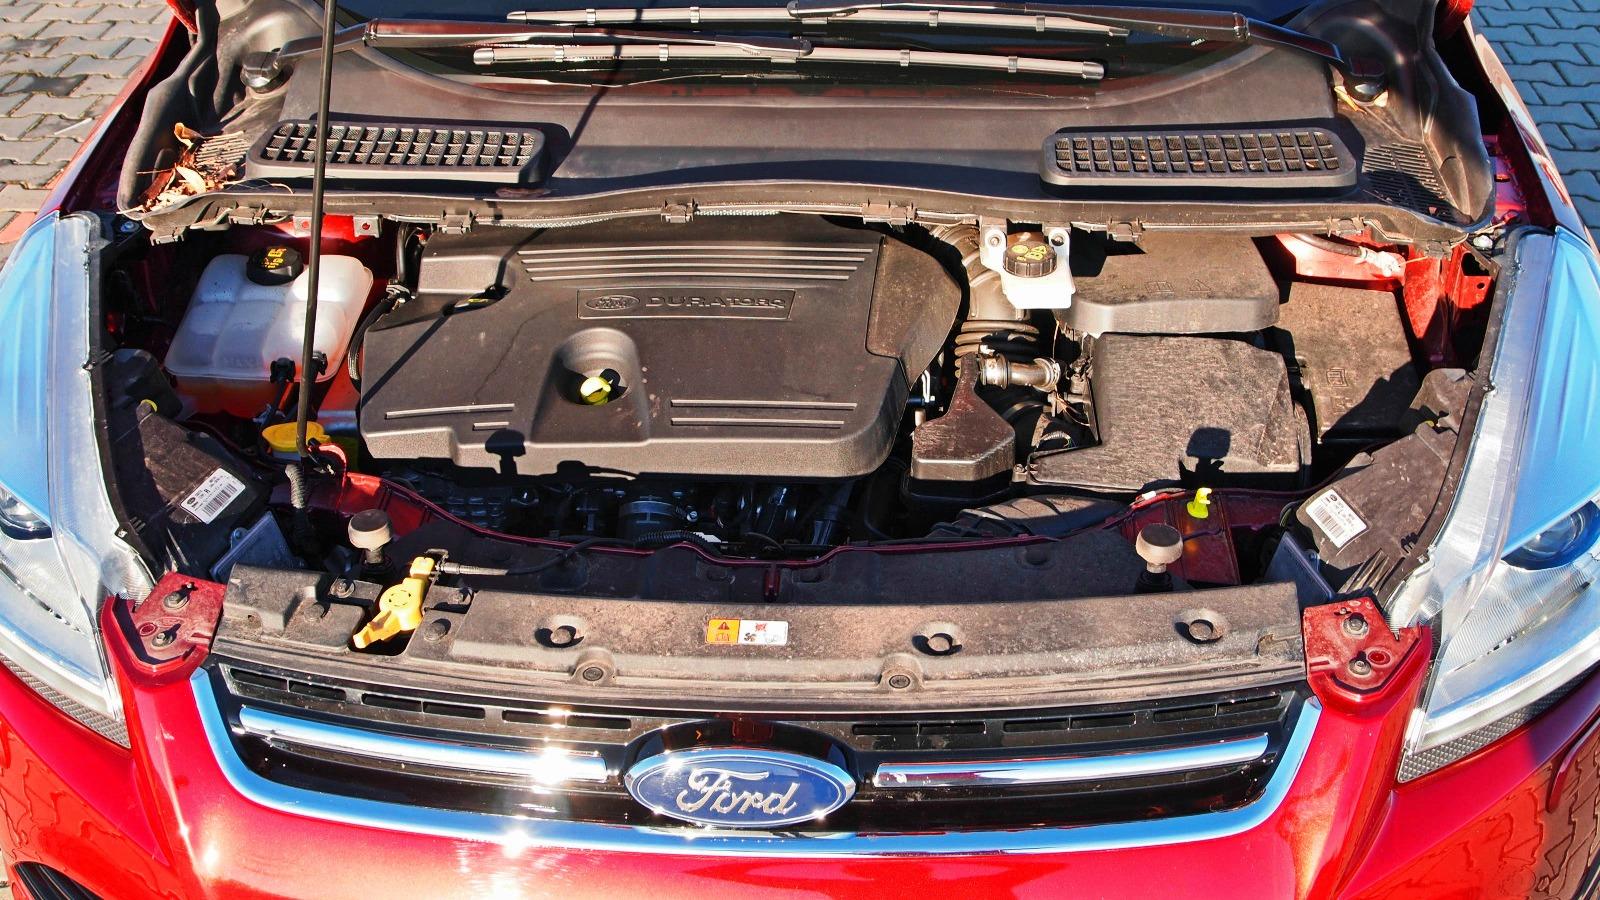 Ford Kuga motor 2.0 TDCi 182 CP